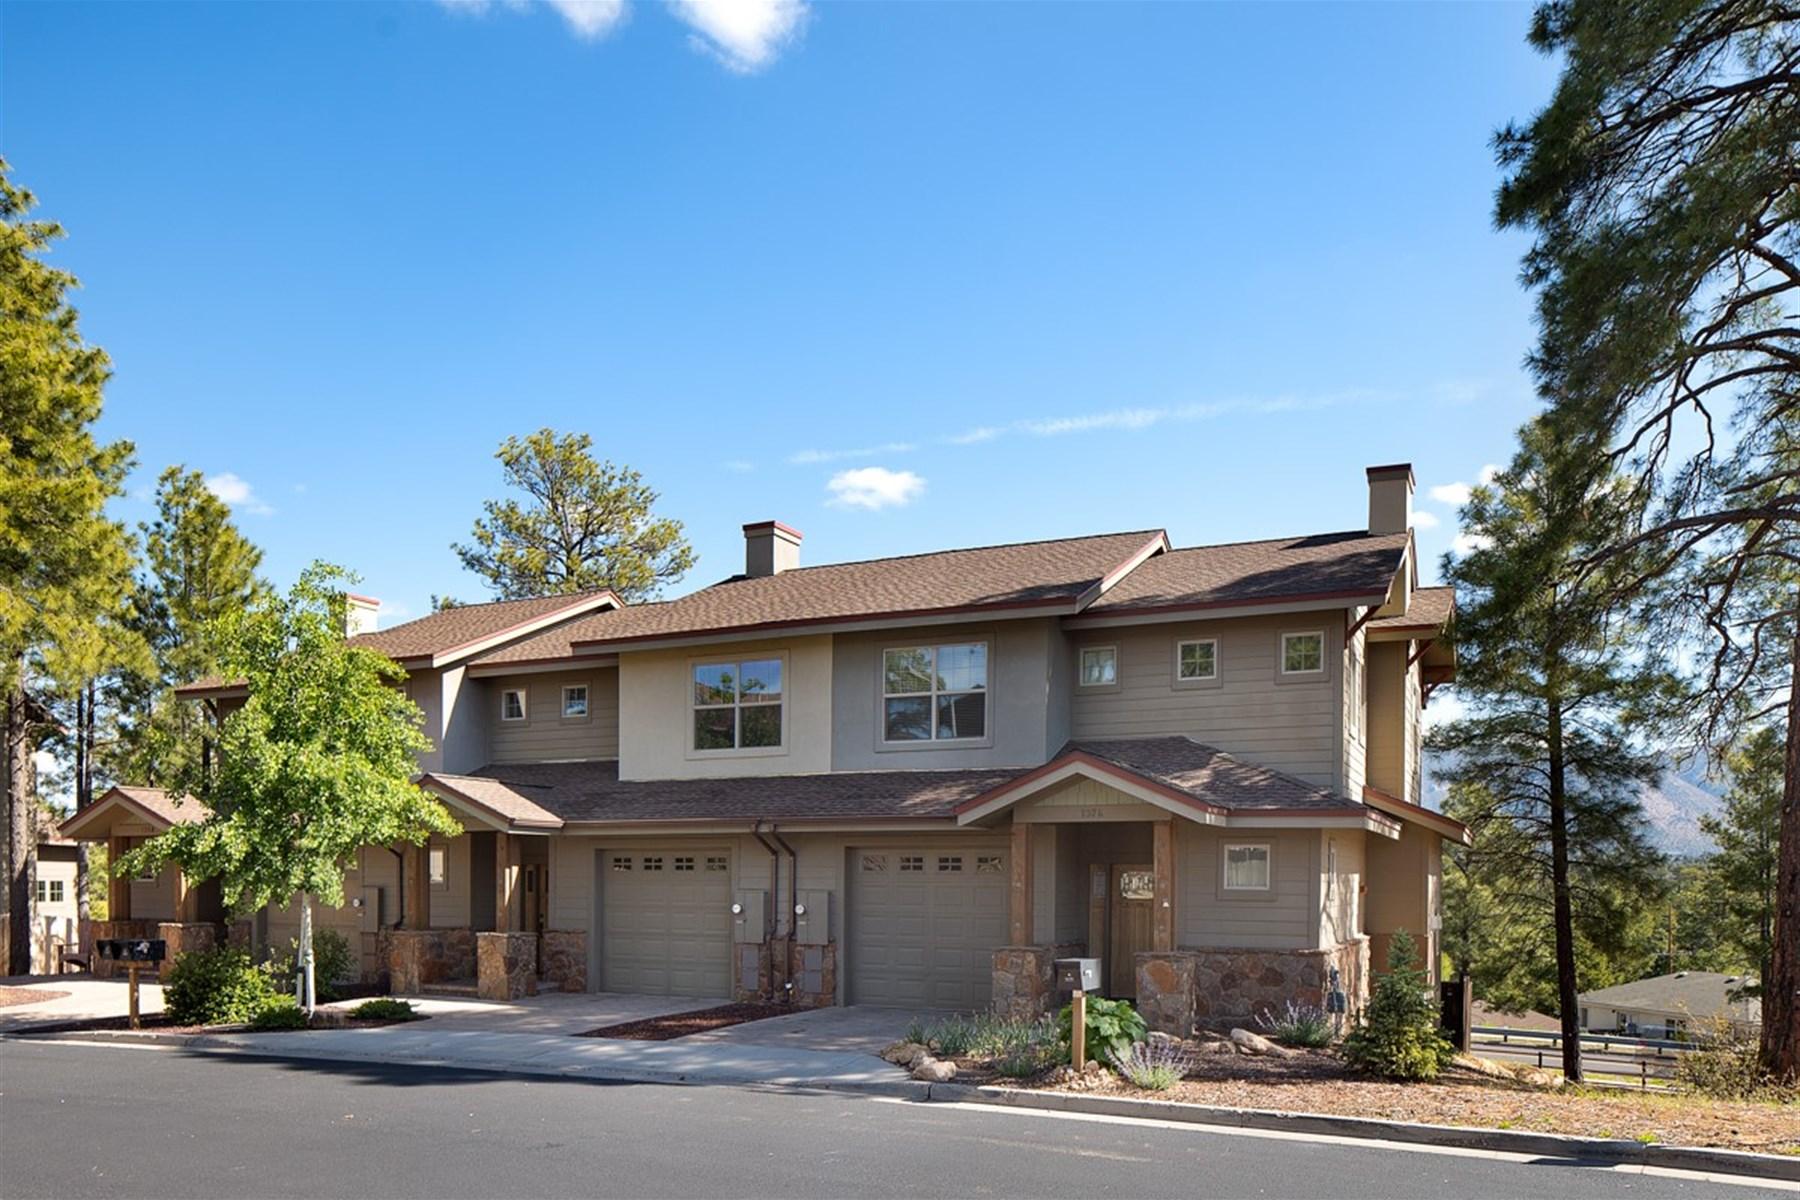 Maison unifamiliale pour l Vente à Pine Knoll Village Townhouse 1374 E Sundrop LN Flagstaff, Arizona 86001 États-Unis